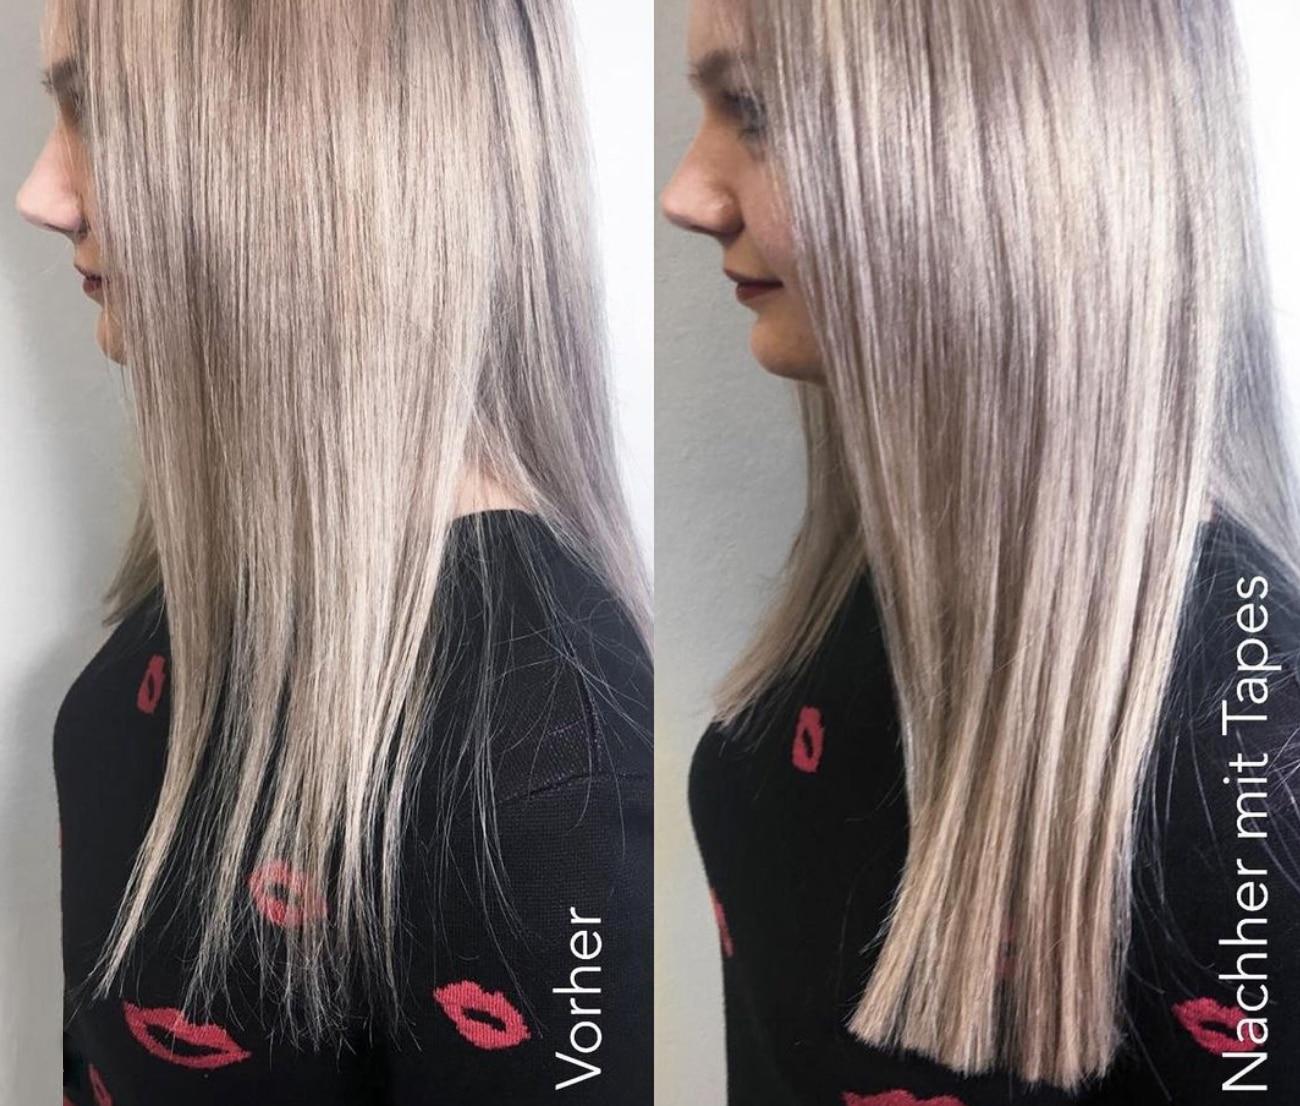 Carola Claudia Staudinger Hair Salon & Spa Jede Behandlung ist inkl. Waschen, Föhnen, Pflege & Styling vor Ort und einmaligem Reinigungsschnitt.